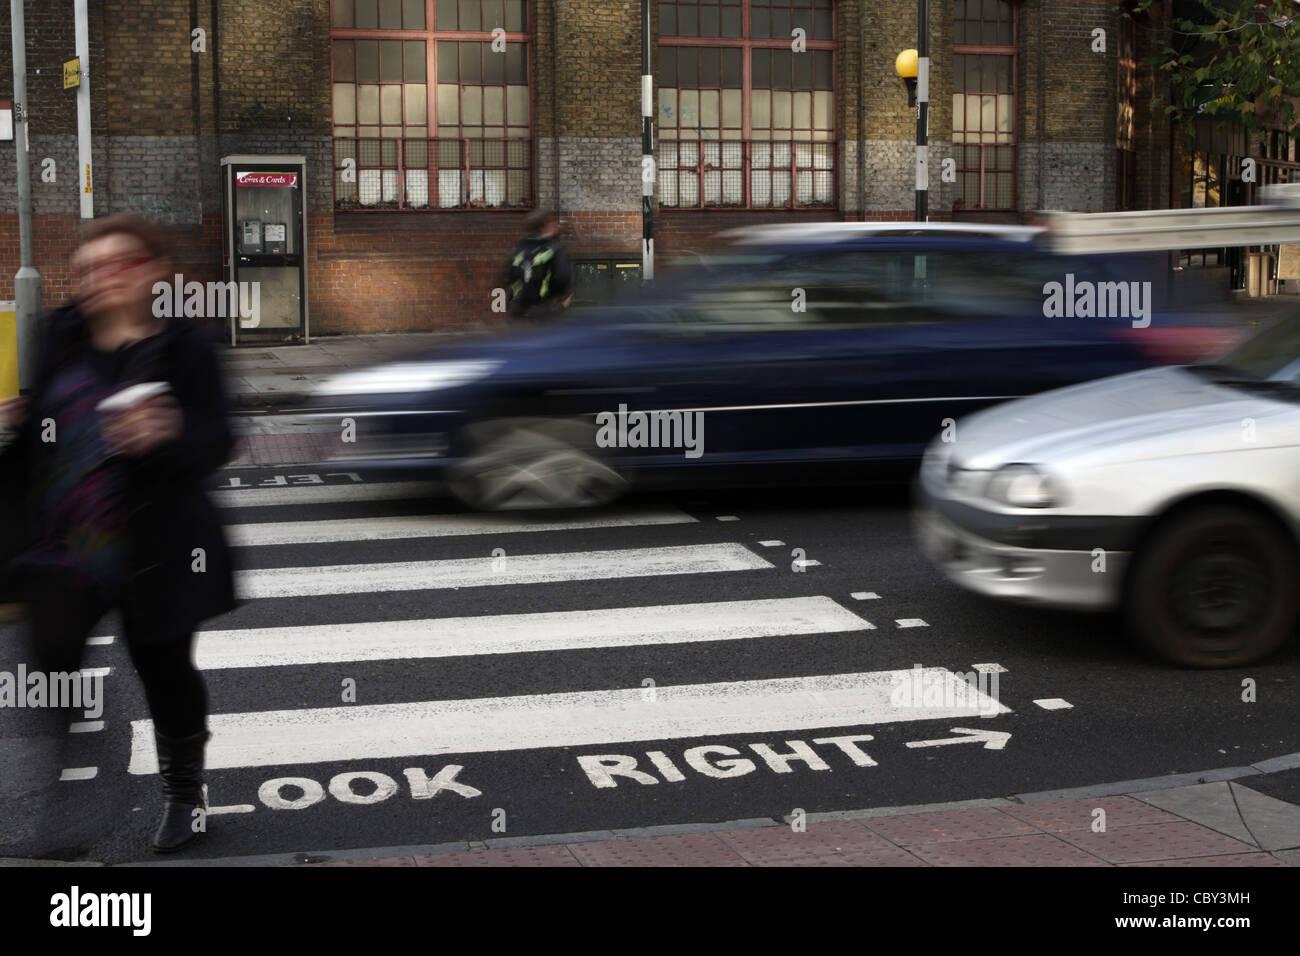 Accelerando il traffico attraverso una zebra crossing a Londra dopo una femmina aveva attraversato la strada Immagini Stock